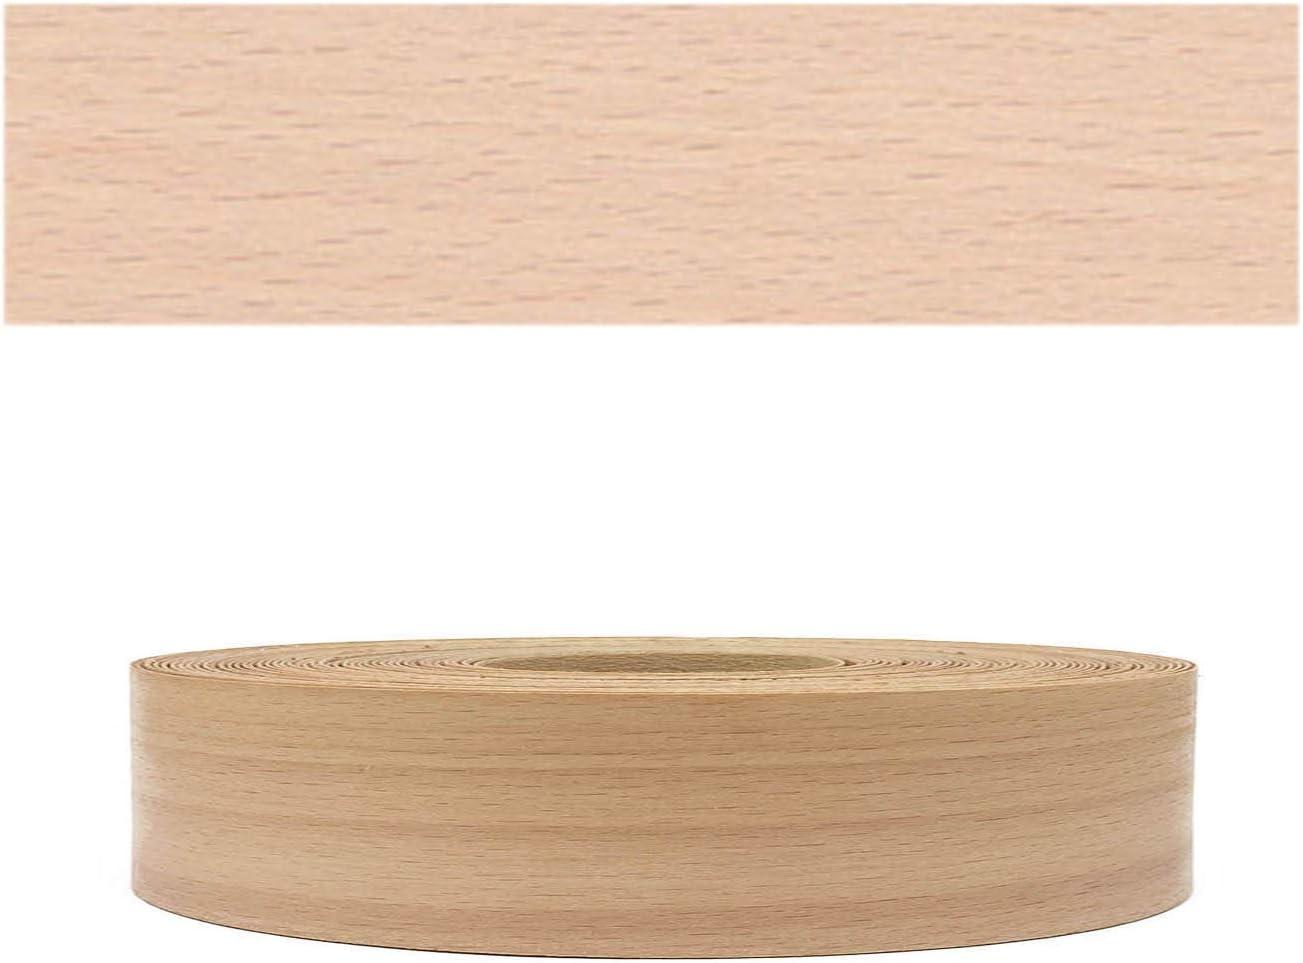 Mprofi MT® (10m rollo) Cantoneras enchapadas con pegamento Chapa de madera Haya europeo SK 22mm